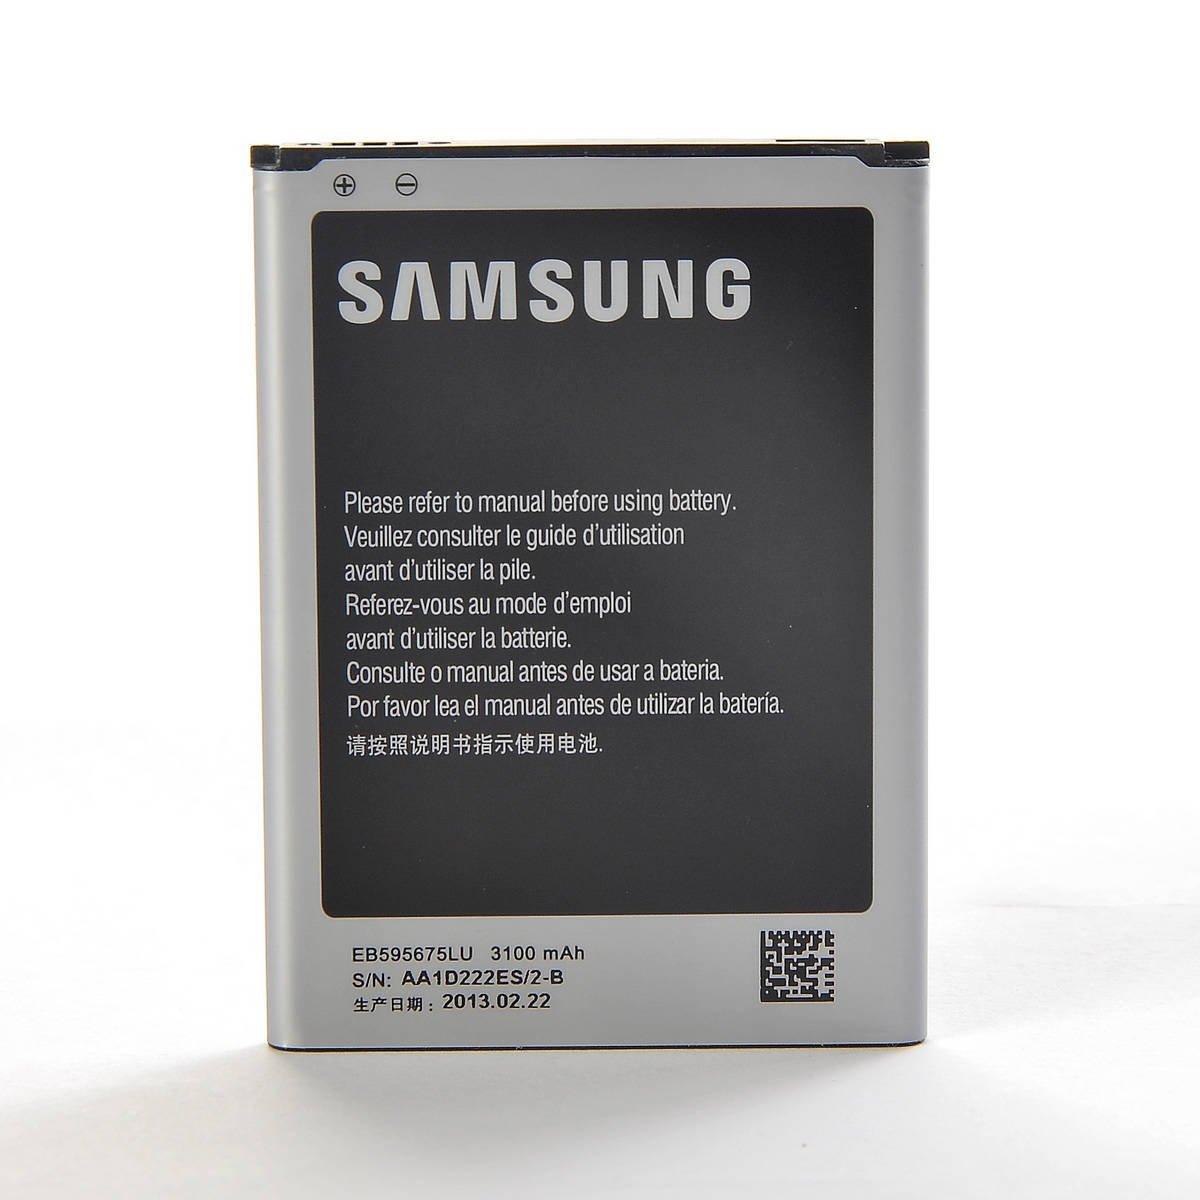 Bateria Celular Samsung Galaxy Note 2 N7100 Lithium Phone 3100mAh EB595675LU Non Retail Packaging Silver